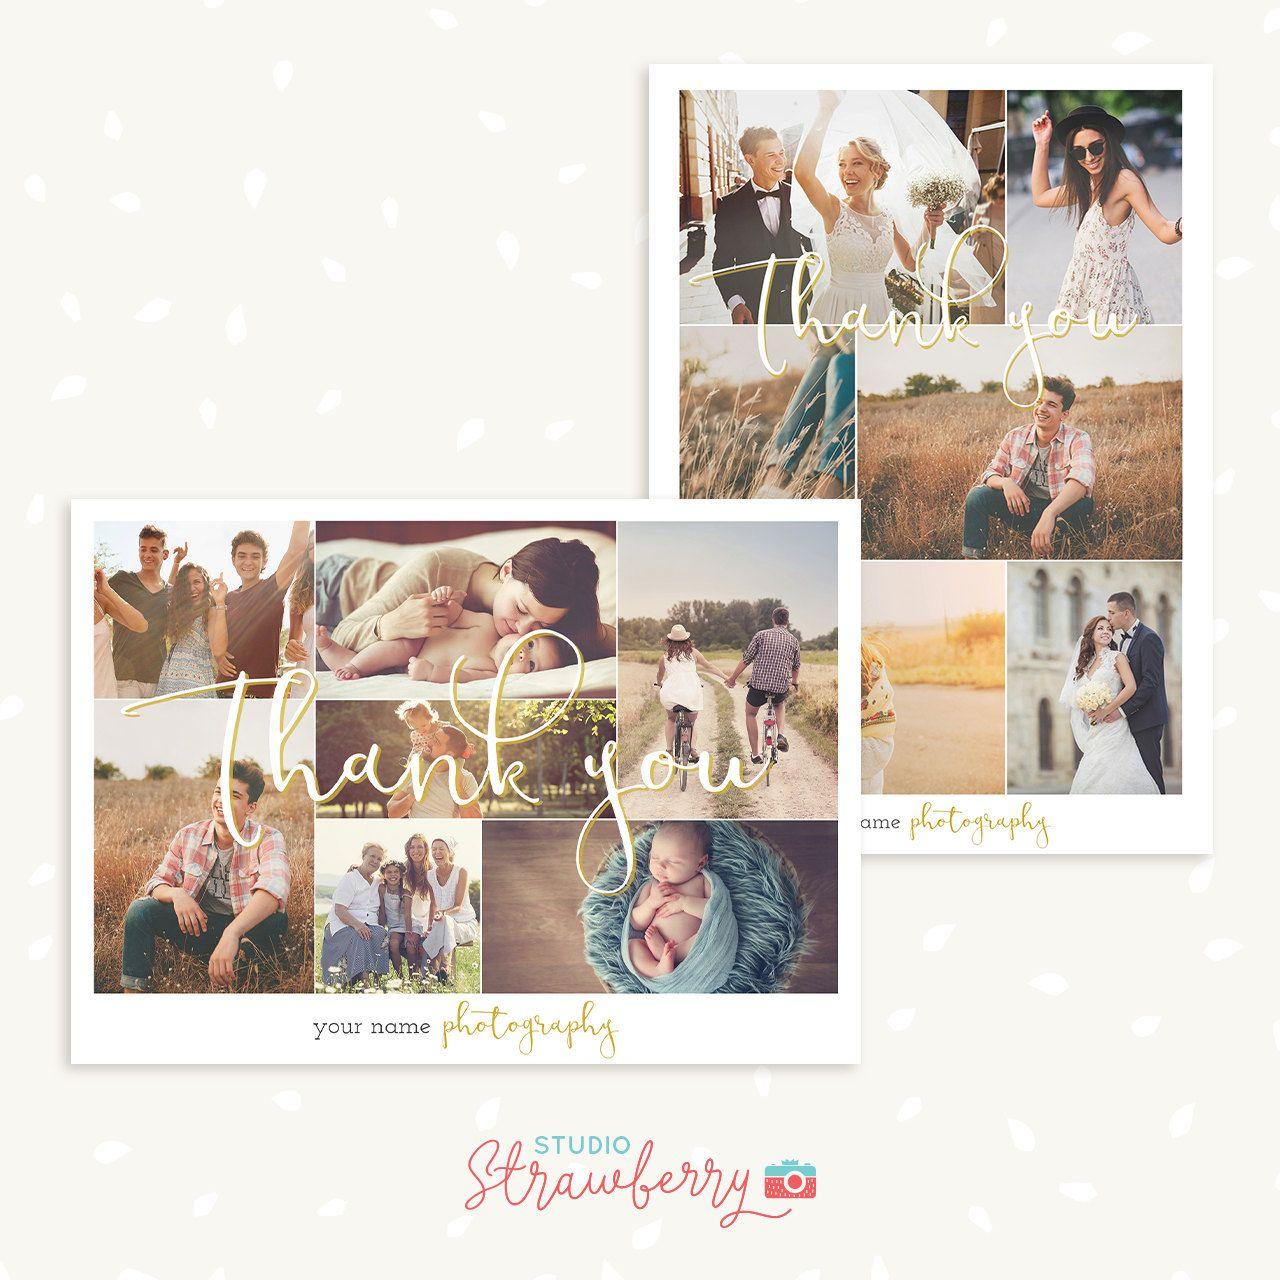 Erfreut Kartenvorlagen Für Photoshop Fotos - Beispiel Business ...